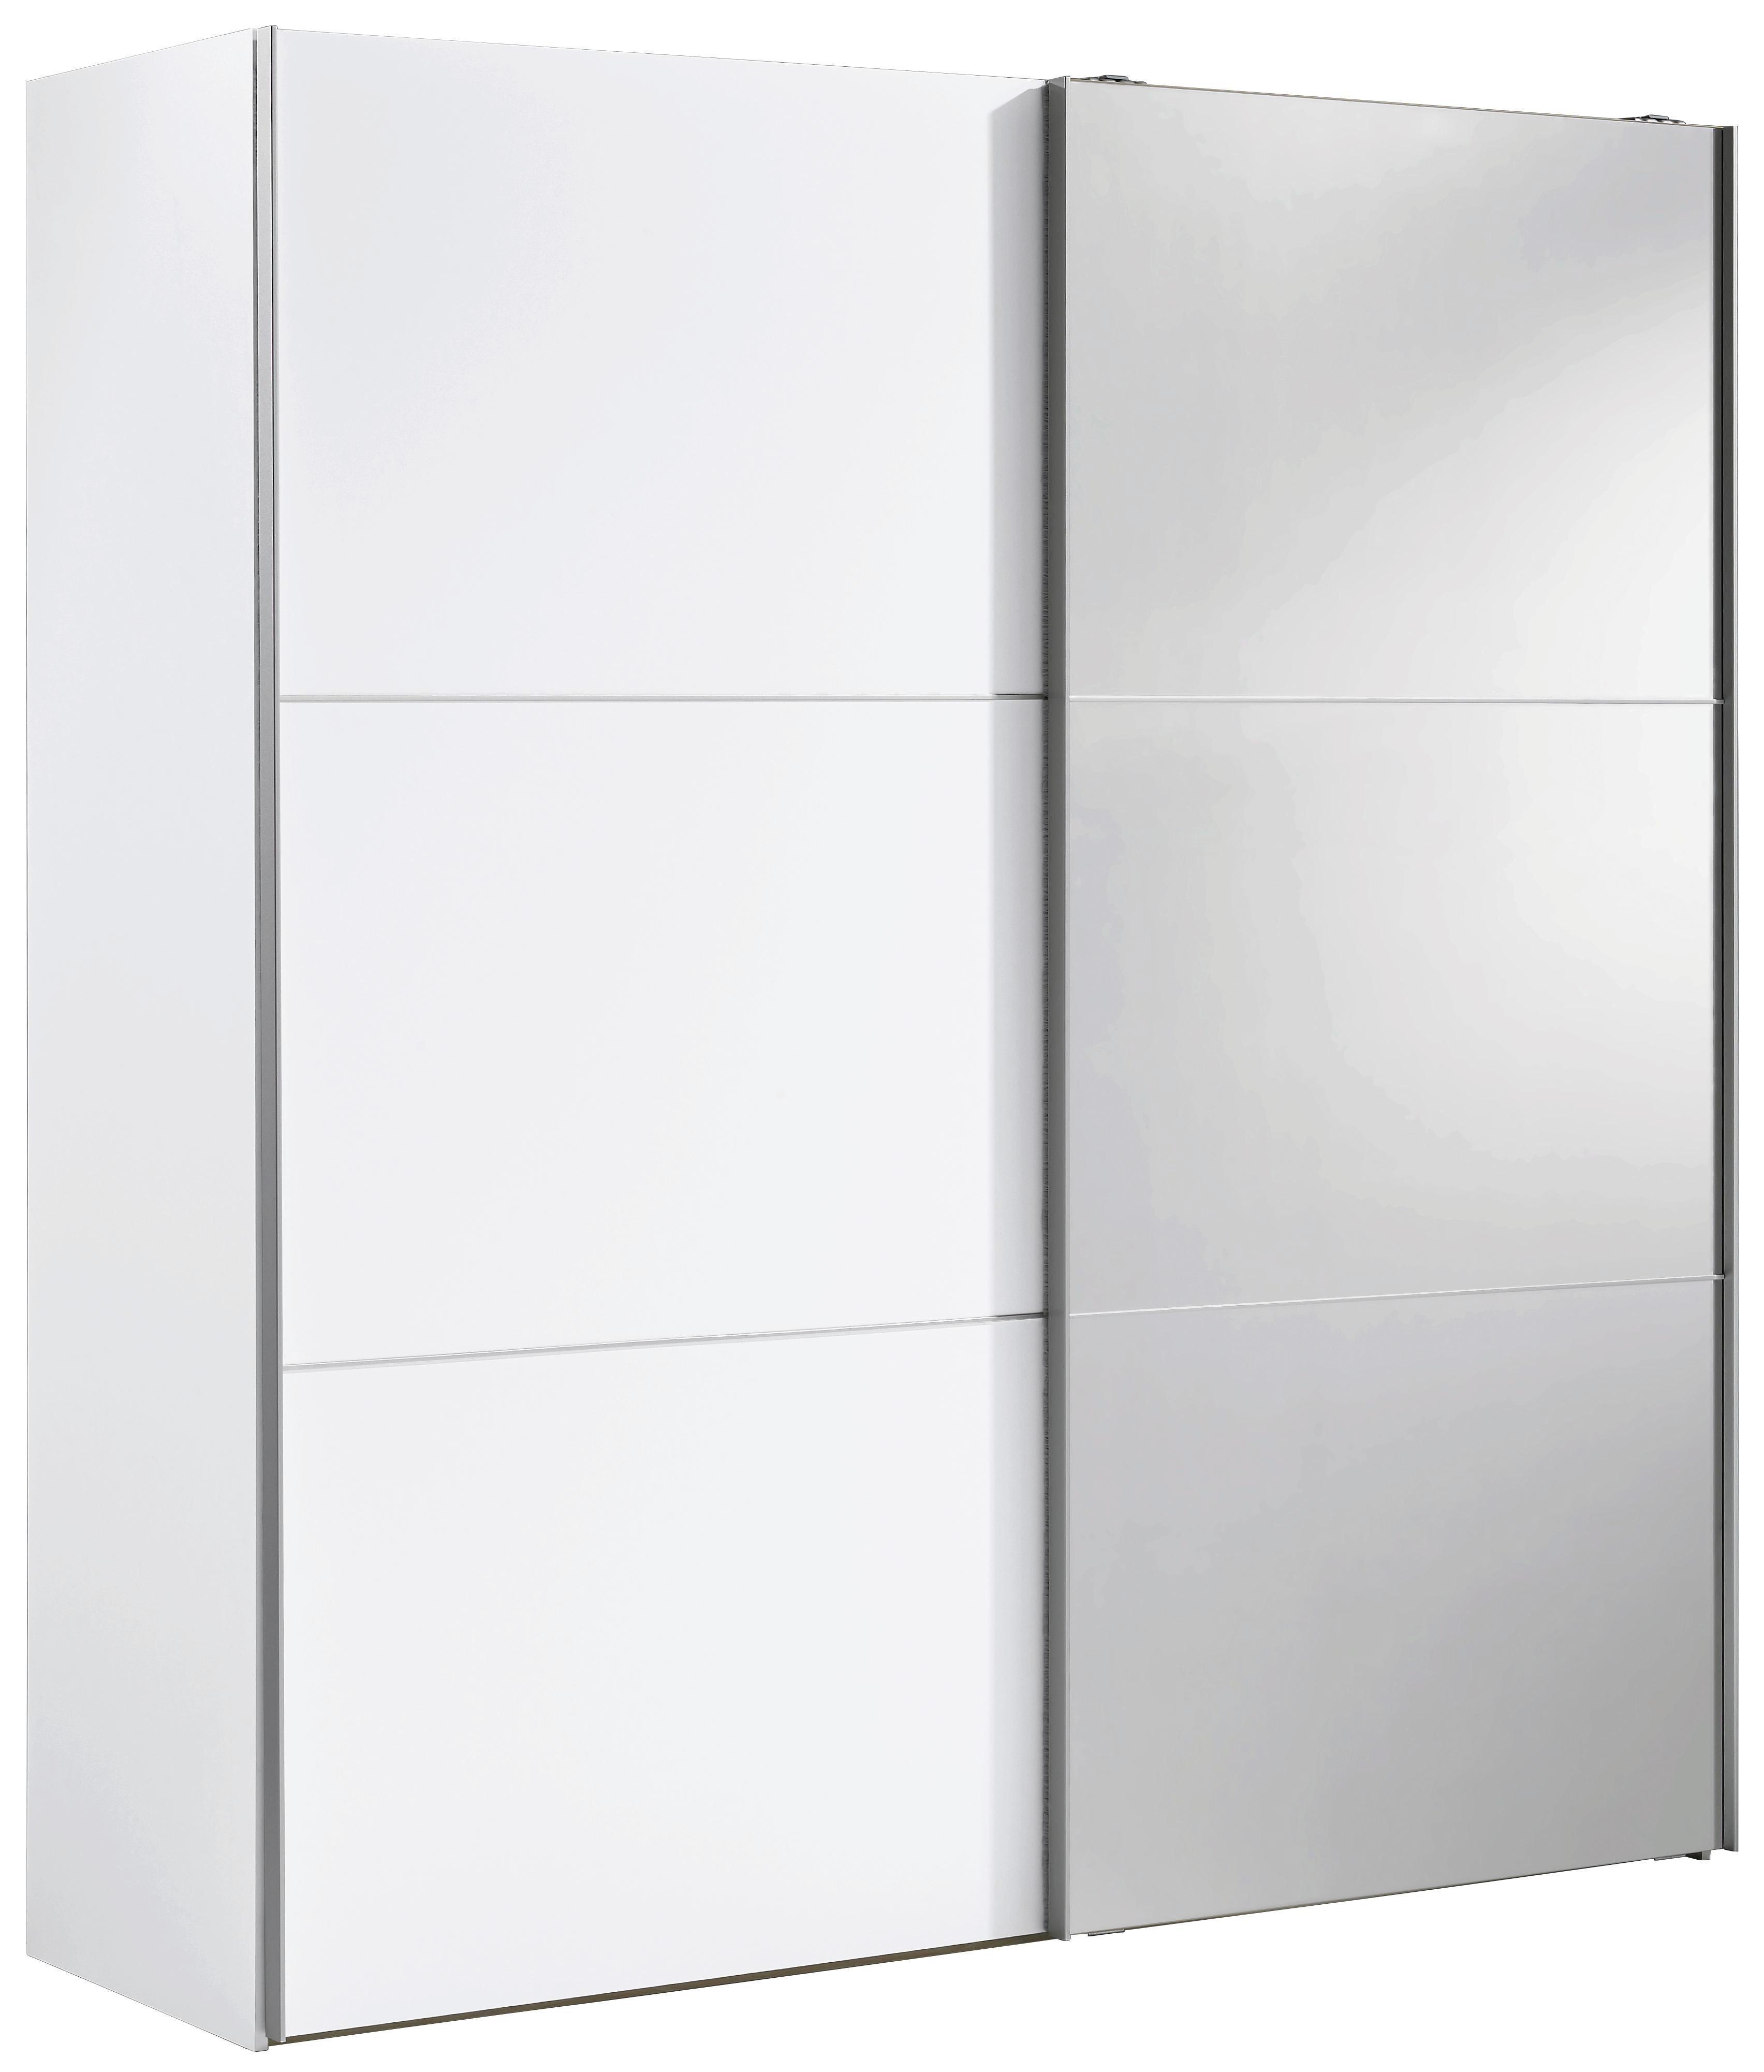 Wunderschön Schwebetürenschrank 140 Cm Breit Foto Von SchwebetÜrenschrank 2-türig Weiß - Alufarben/weiß, Design, Glas/holzwerkstoff